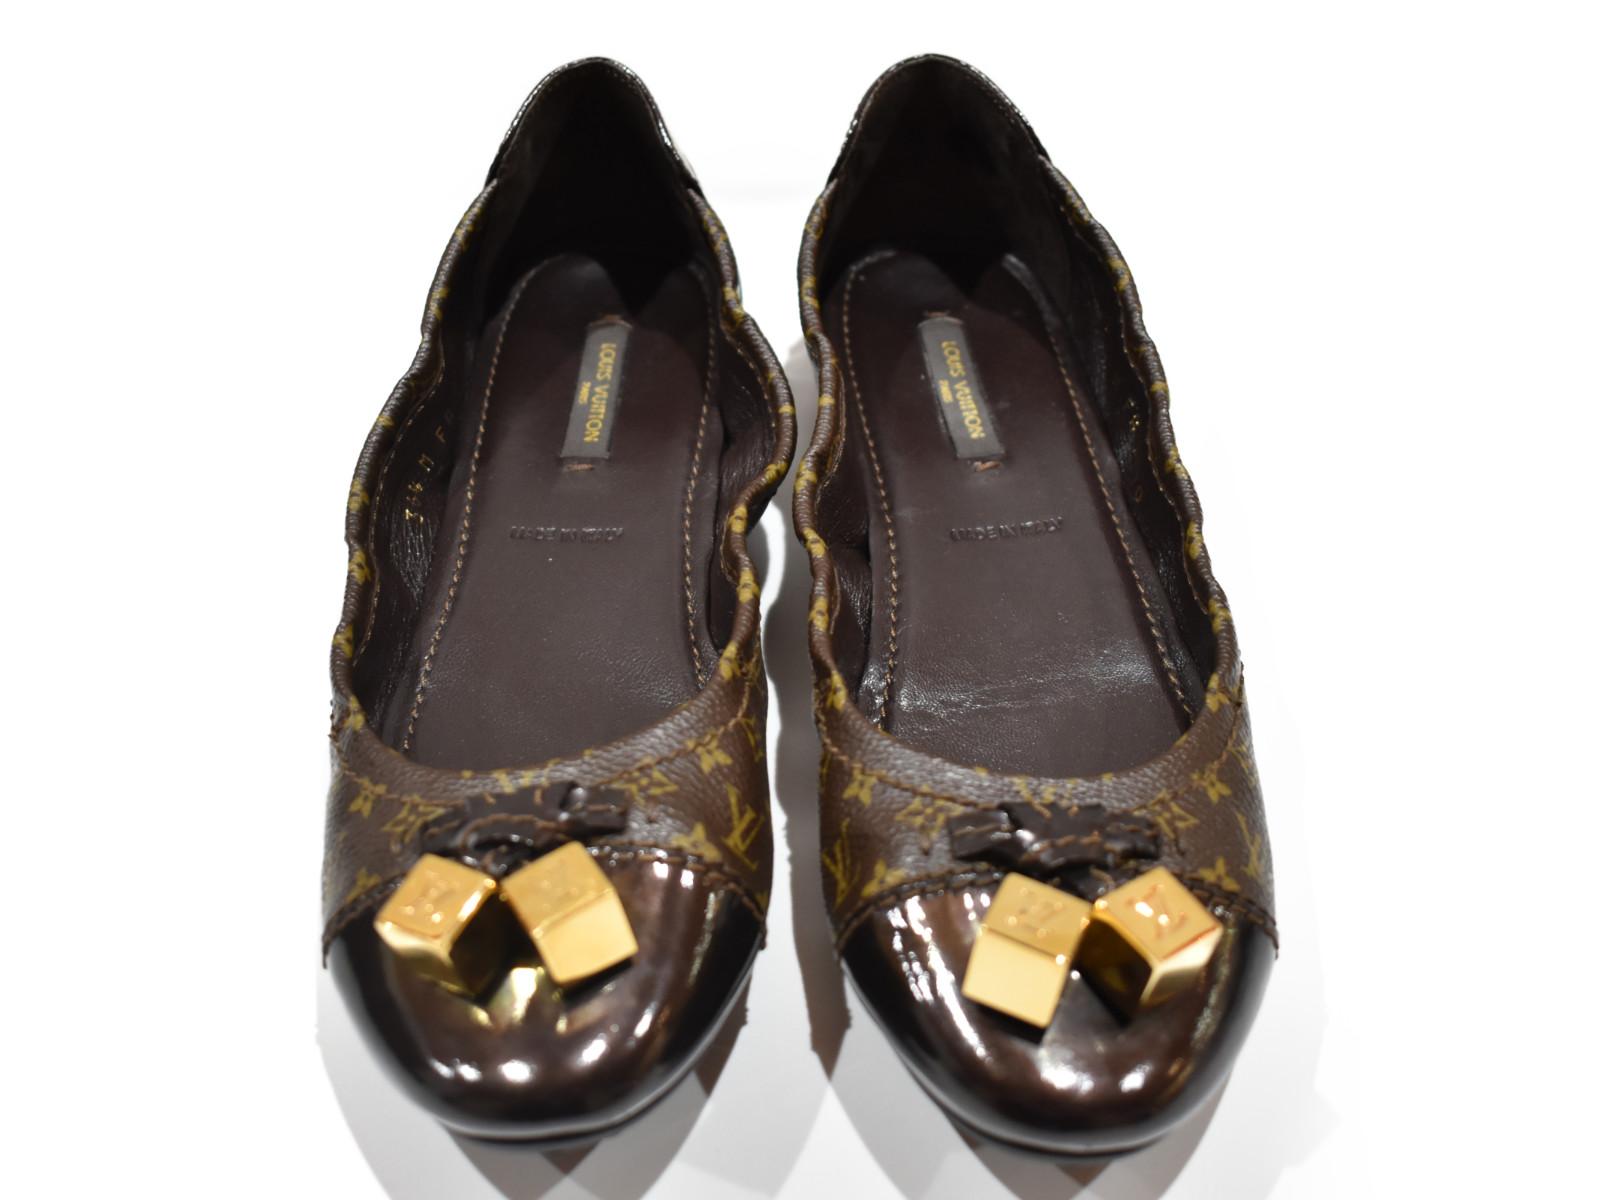 【箱・布袋あり】LOUIS VUITTON モノグラムローファー FA0170 パンプス シューズ 靴 ブラウン系 レディース ユニセックス 【中古】